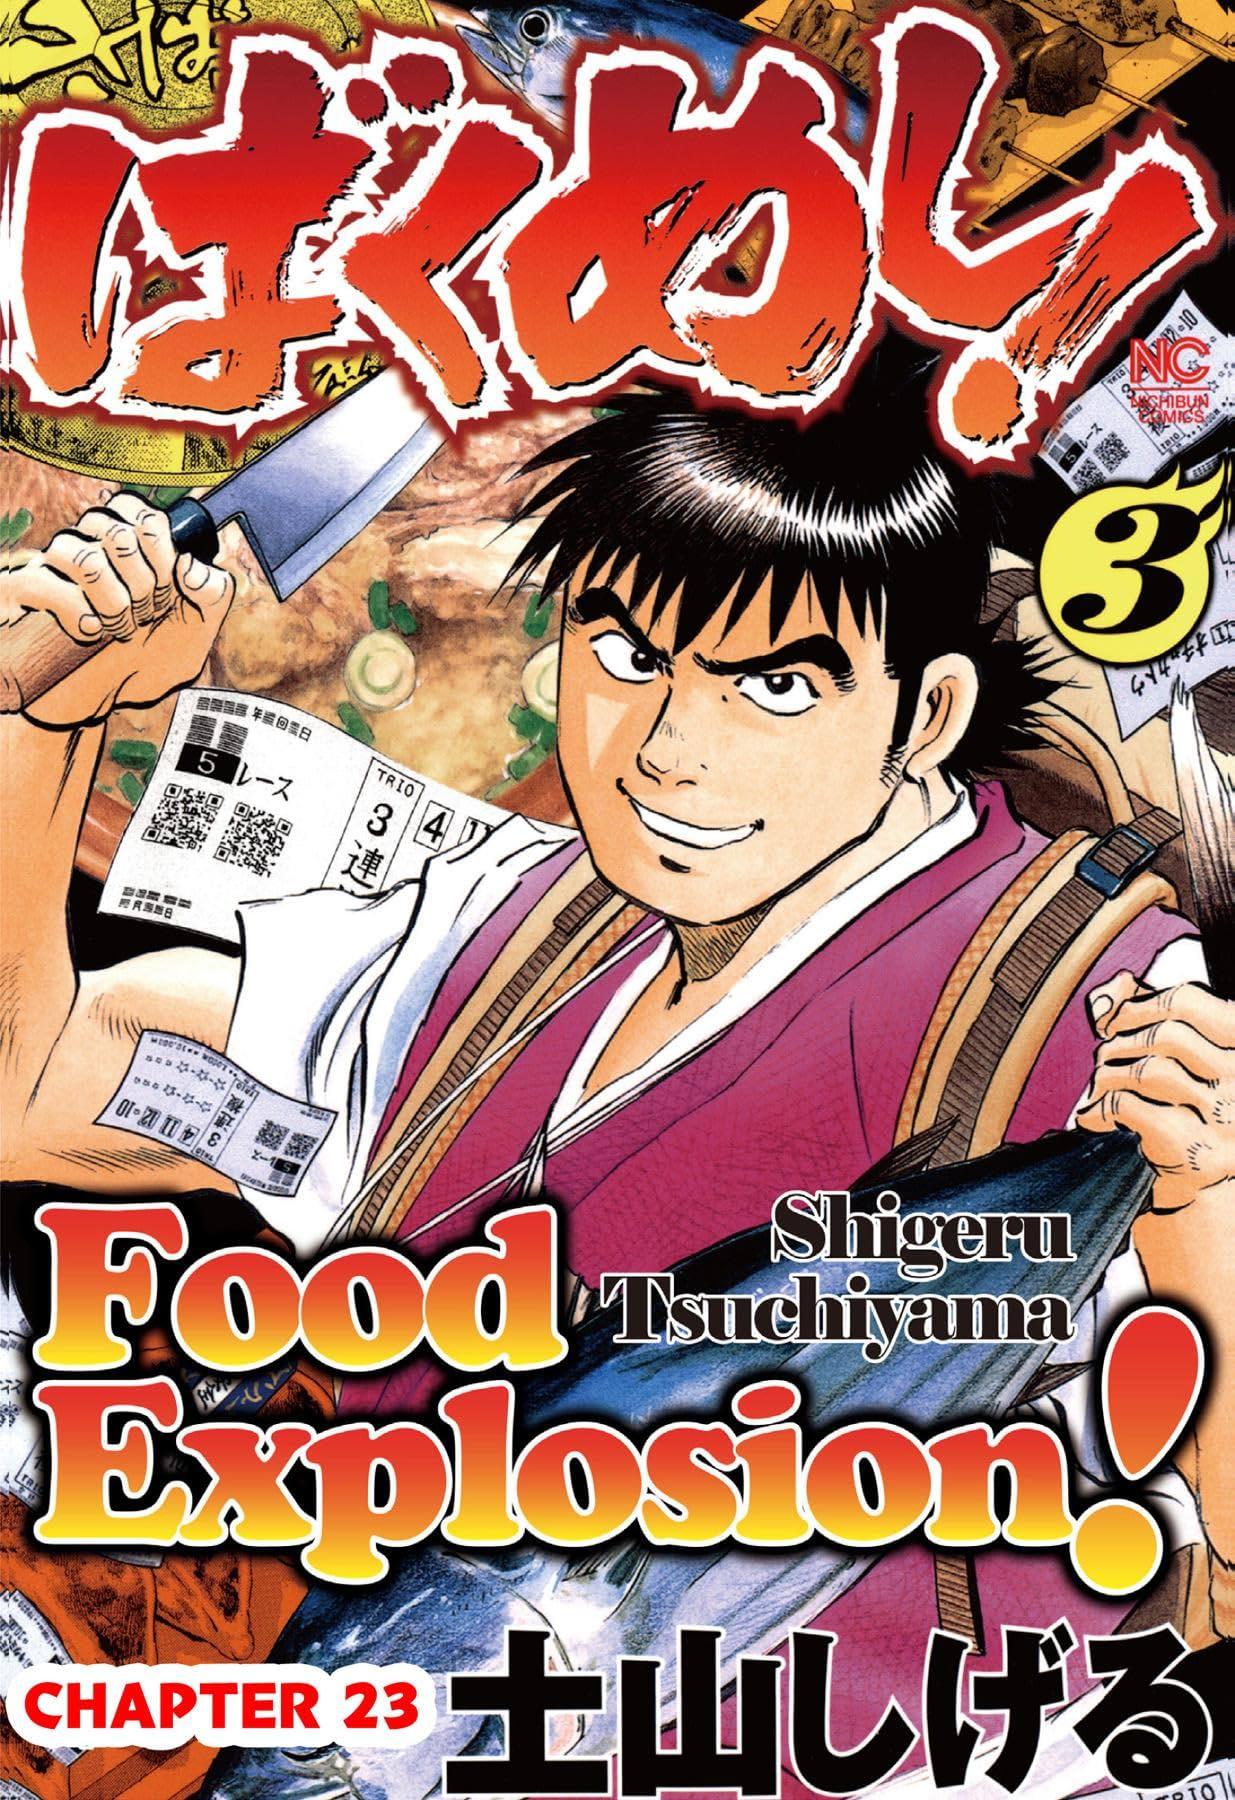 FOOD EXPLOSION #23